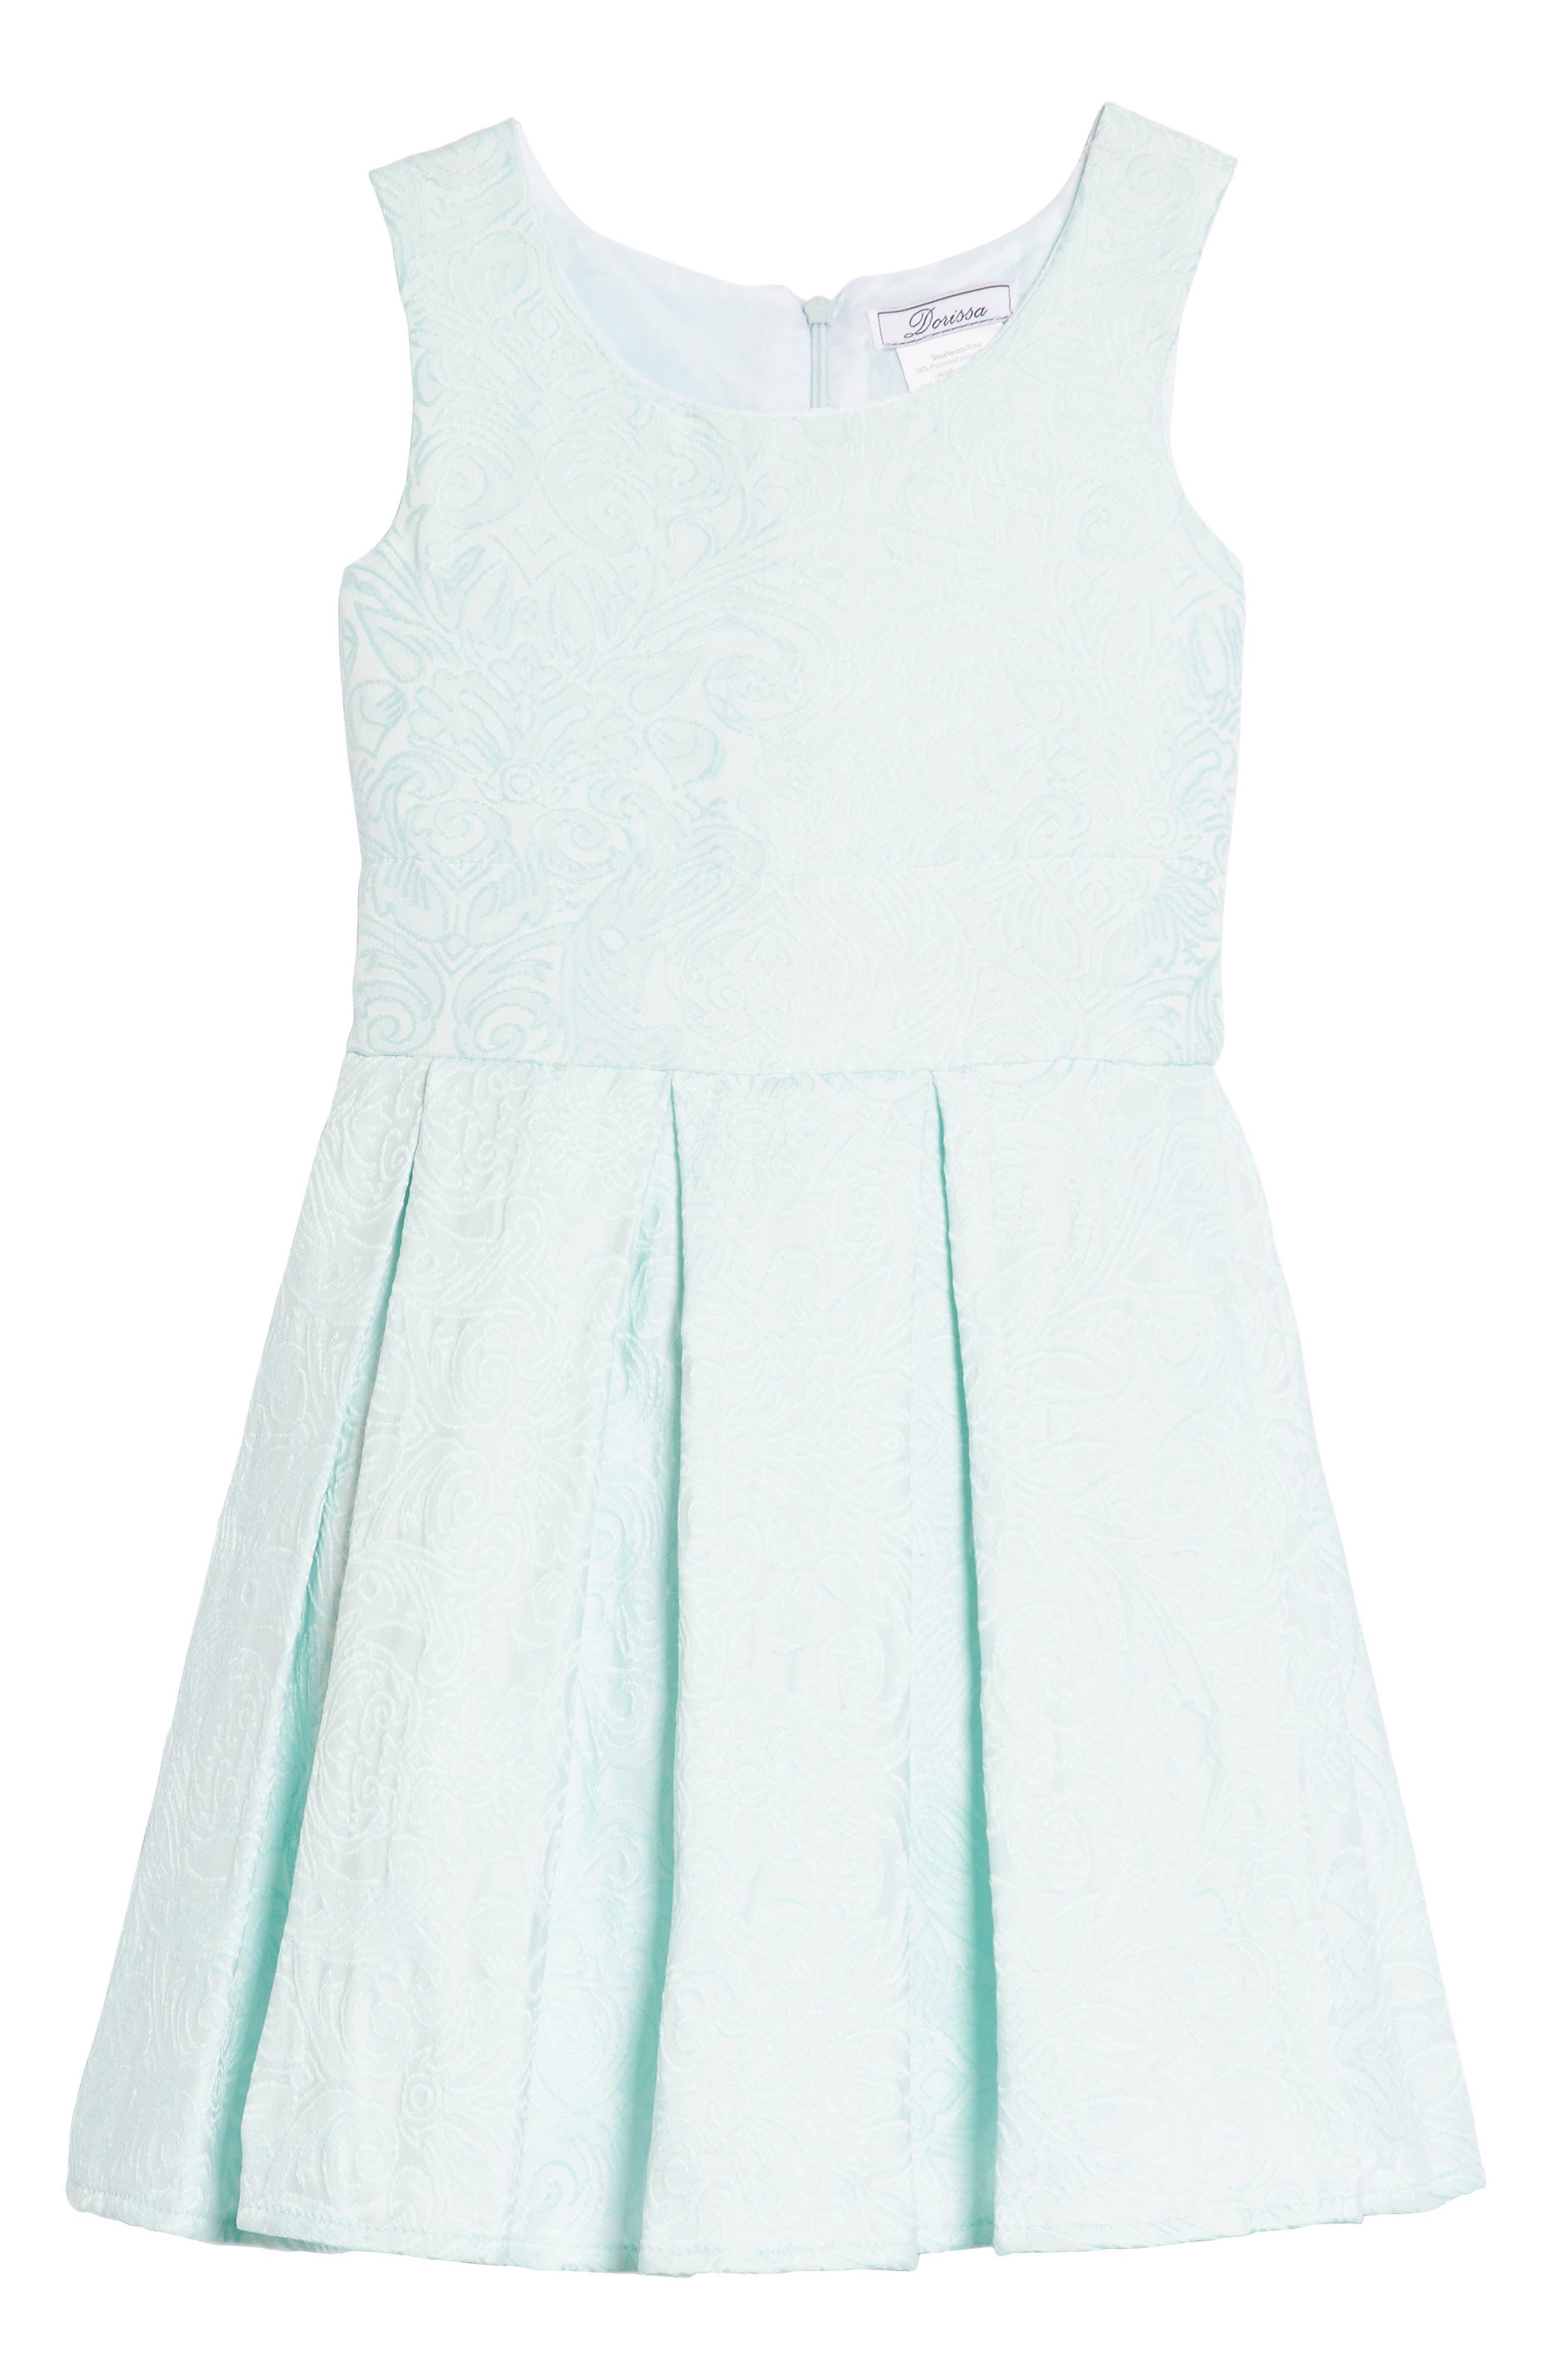 Megan Jacquard Dress,                             Main thumbnail 1, color,                             402